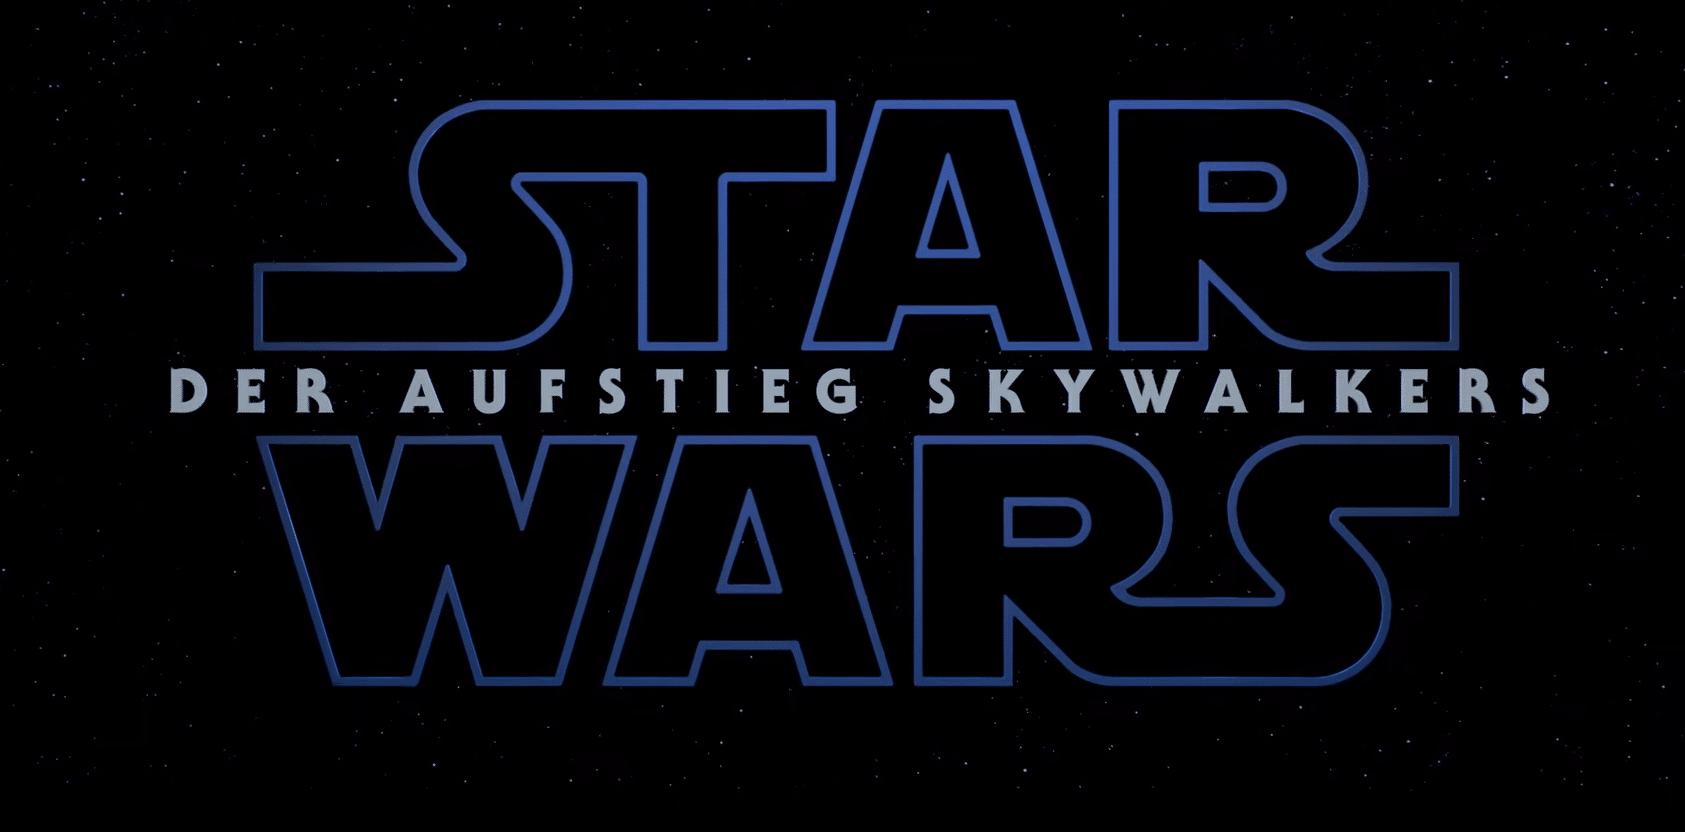 Der Aufstieg Skywalkers Trailer